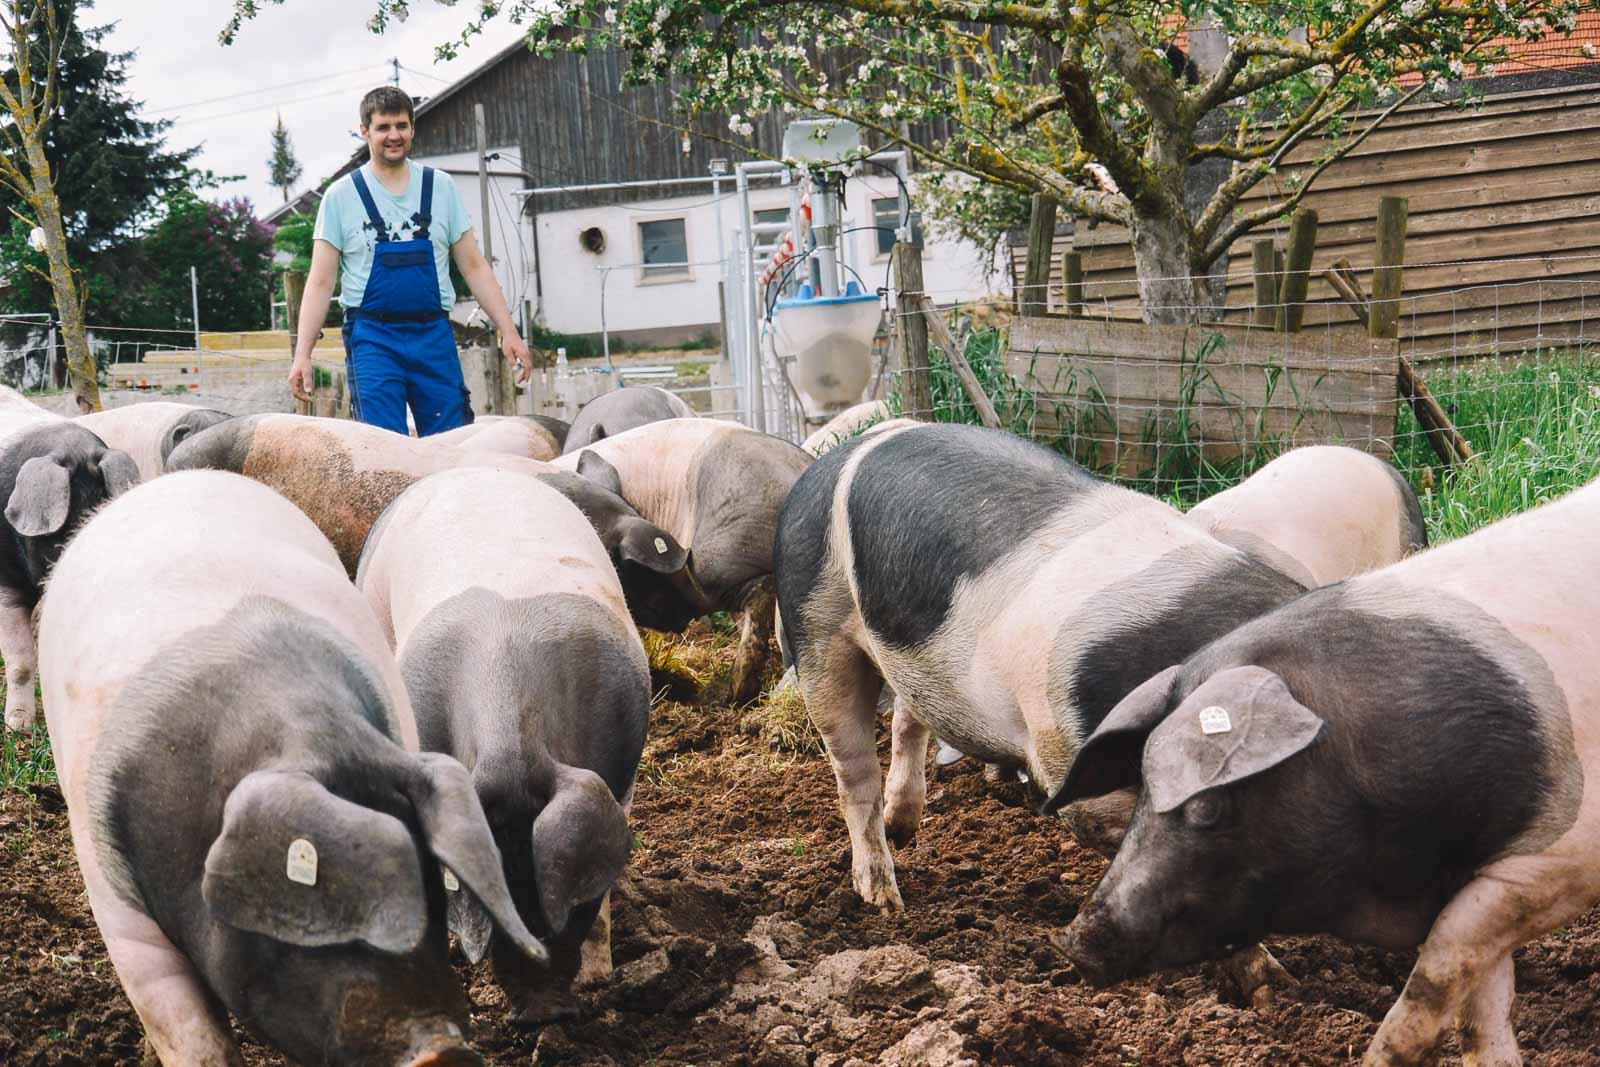 Schwaebisch Haellische Schweine auf der Weide